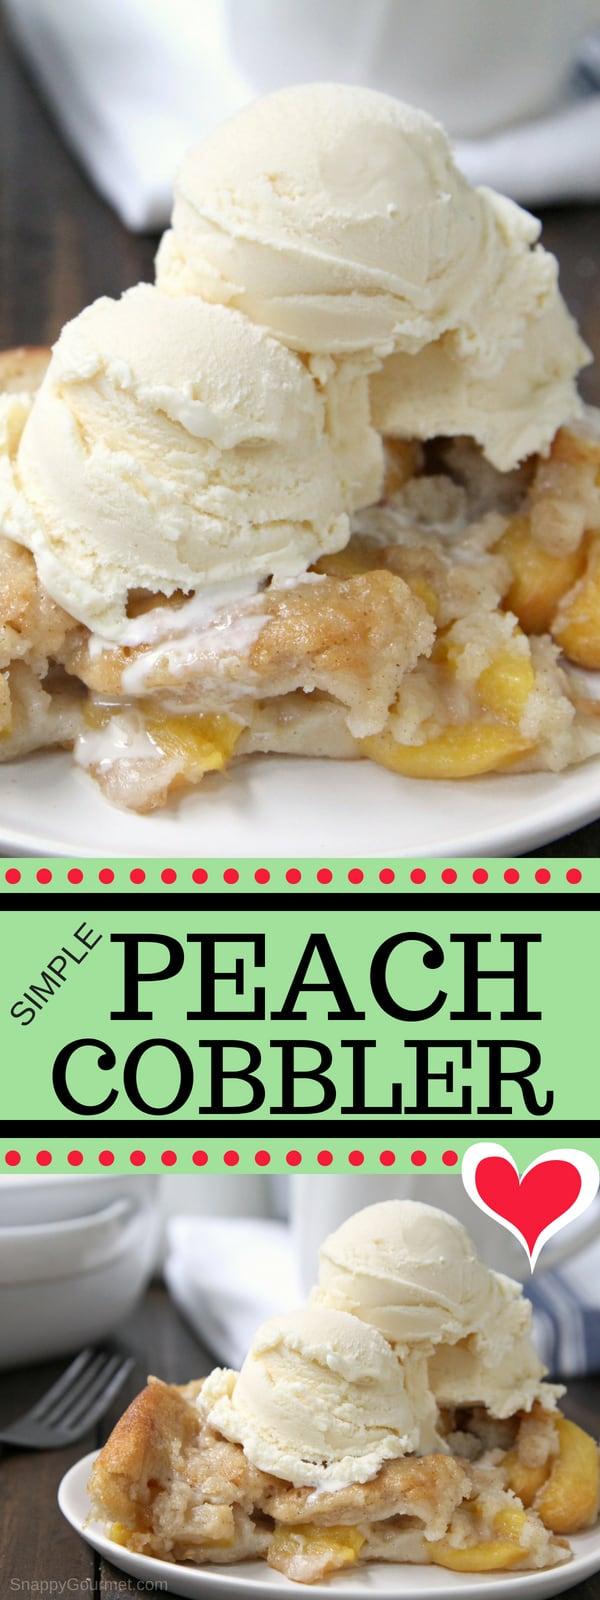 Simple Peach Cobbler recipe - how to make an easy homemade peach cobbler with fresh peaches #Cobbler #Peaches #Dessert #SnappyGourmet #Recipe #Homemade #Summer